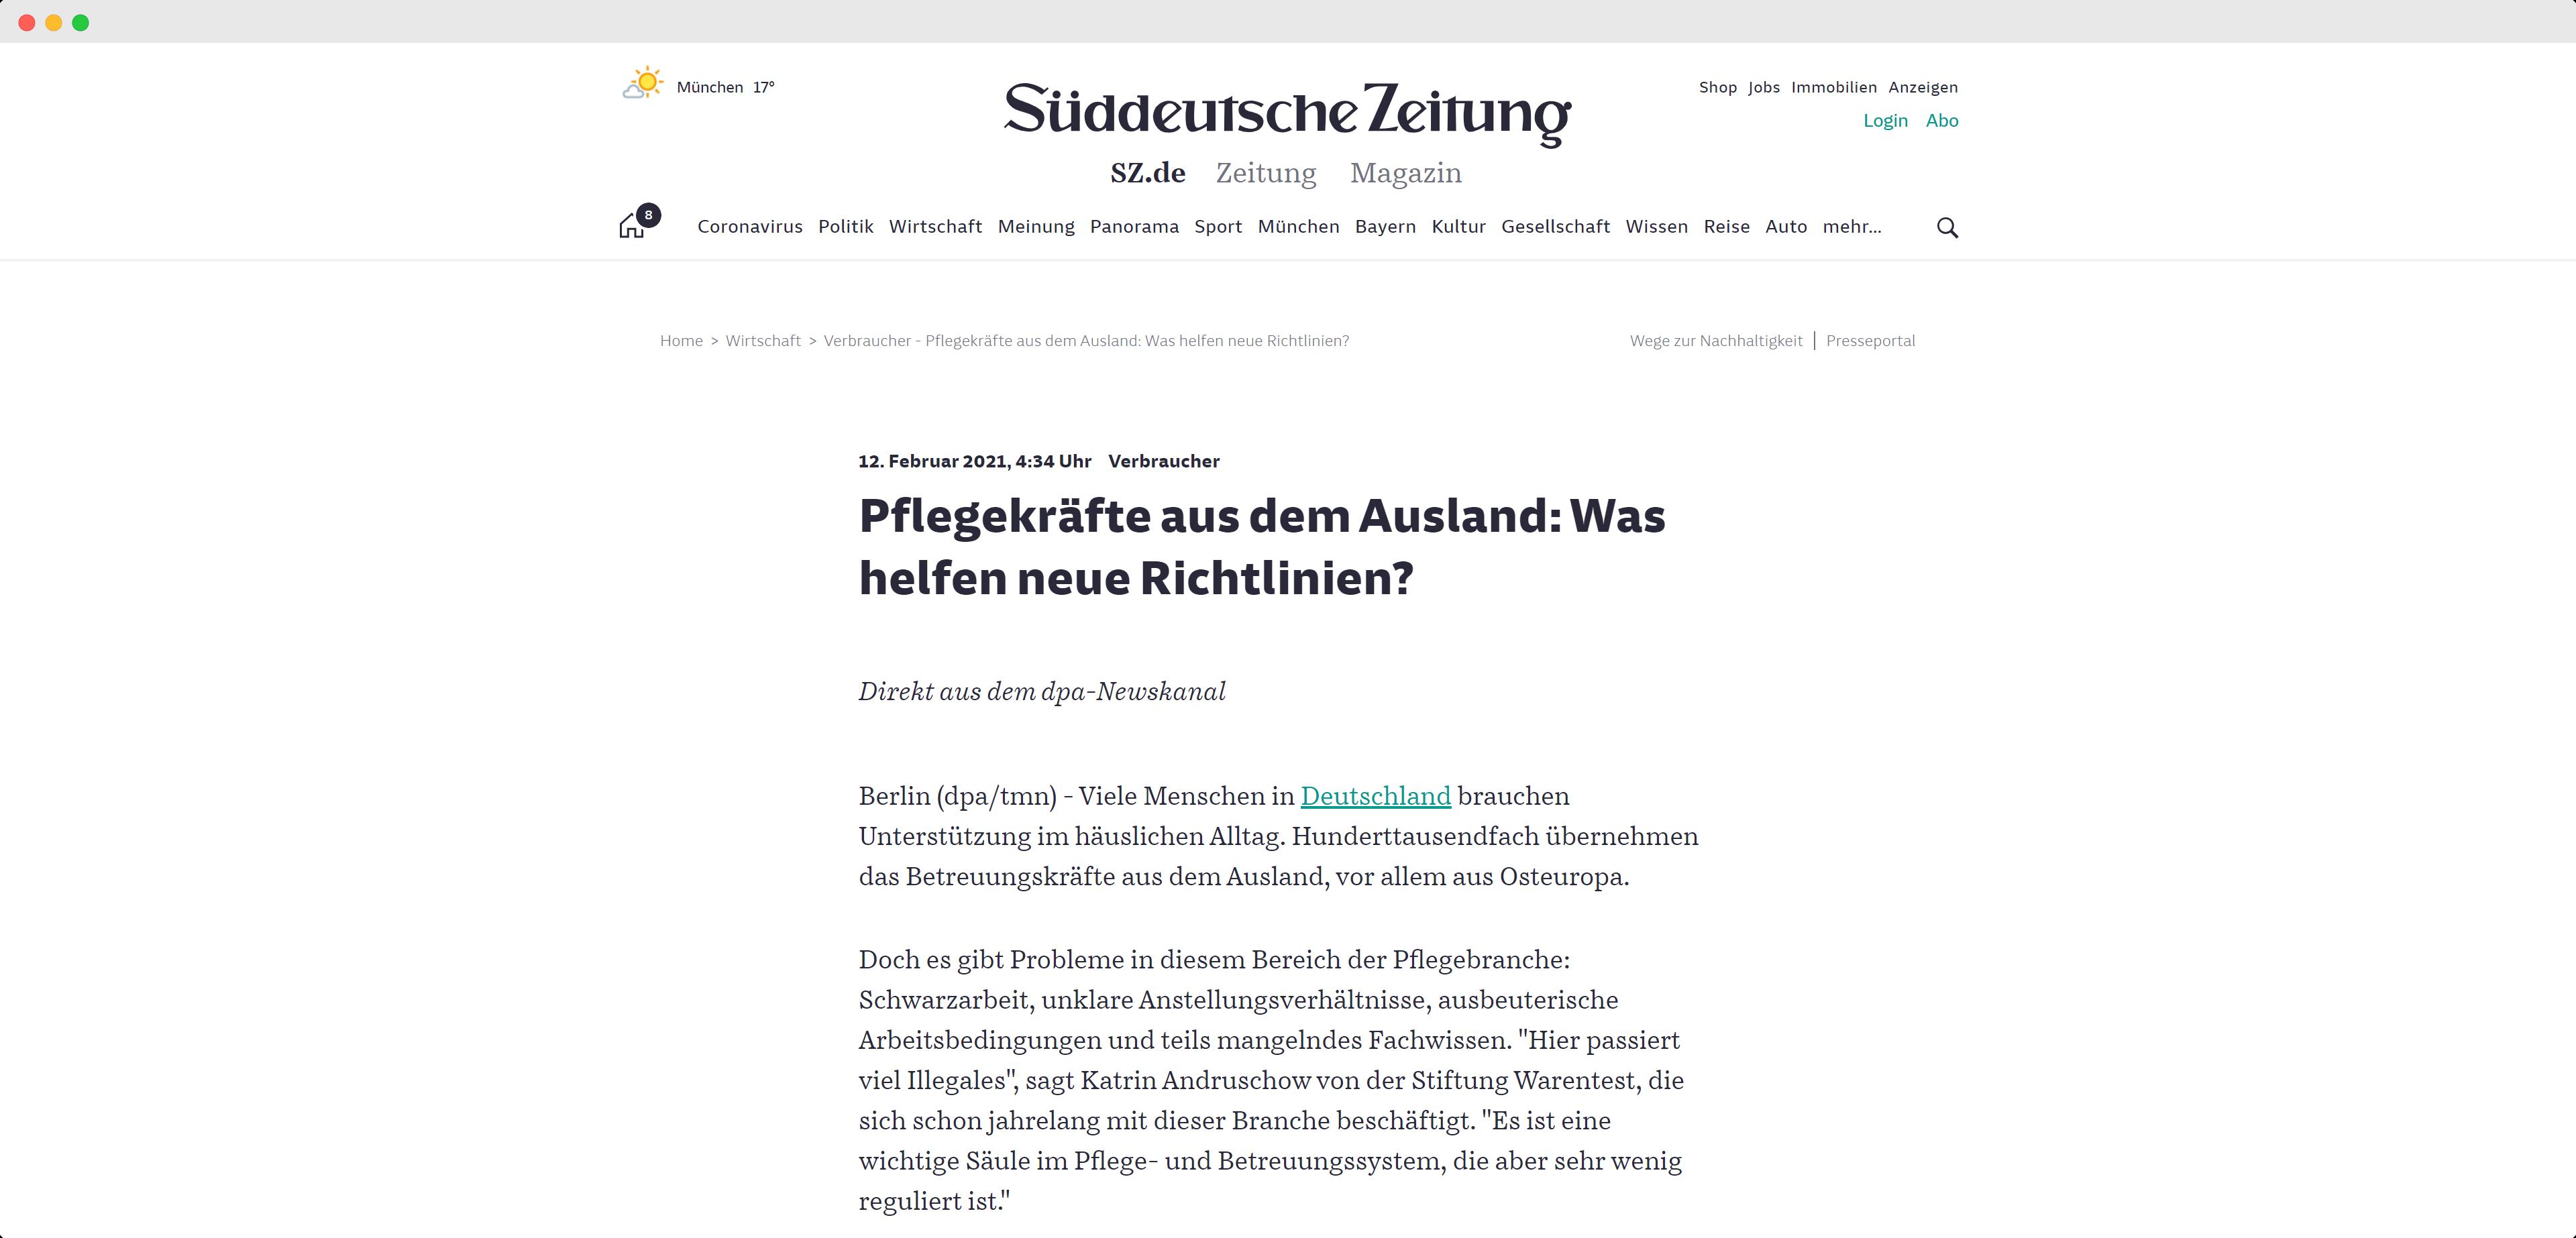 """Berichterstattung der Süddeutschen Zeitung über die Verbesserungen der DIN SPEC 33454 für die sogenannte """"24 Stunden Pflege"""""""